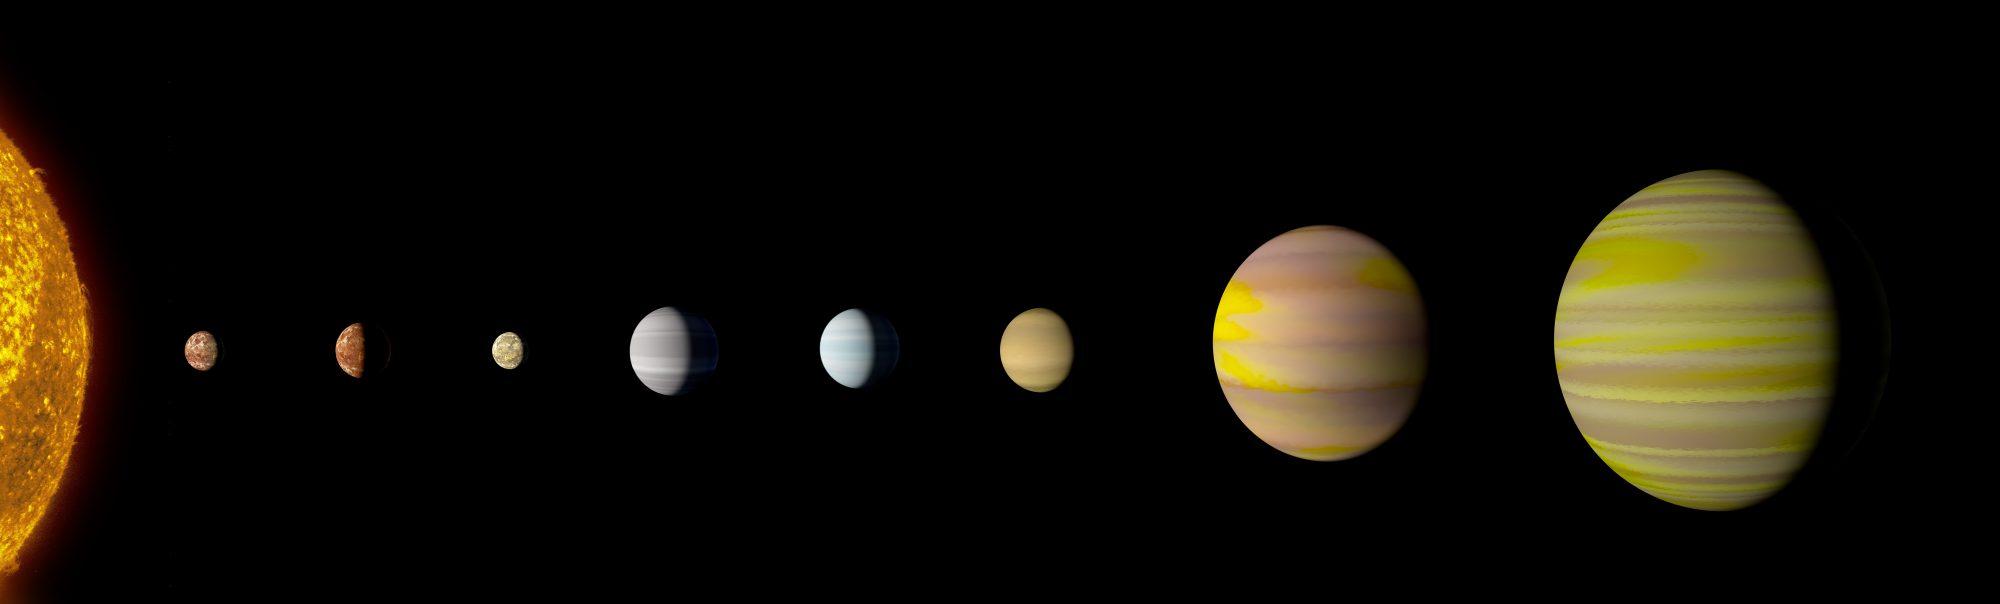 Tabletowo.pl Google pomaga NASA: odkryto dwie egzoplanety przy użyciu uczenia maszynowego Ciekawostki Google